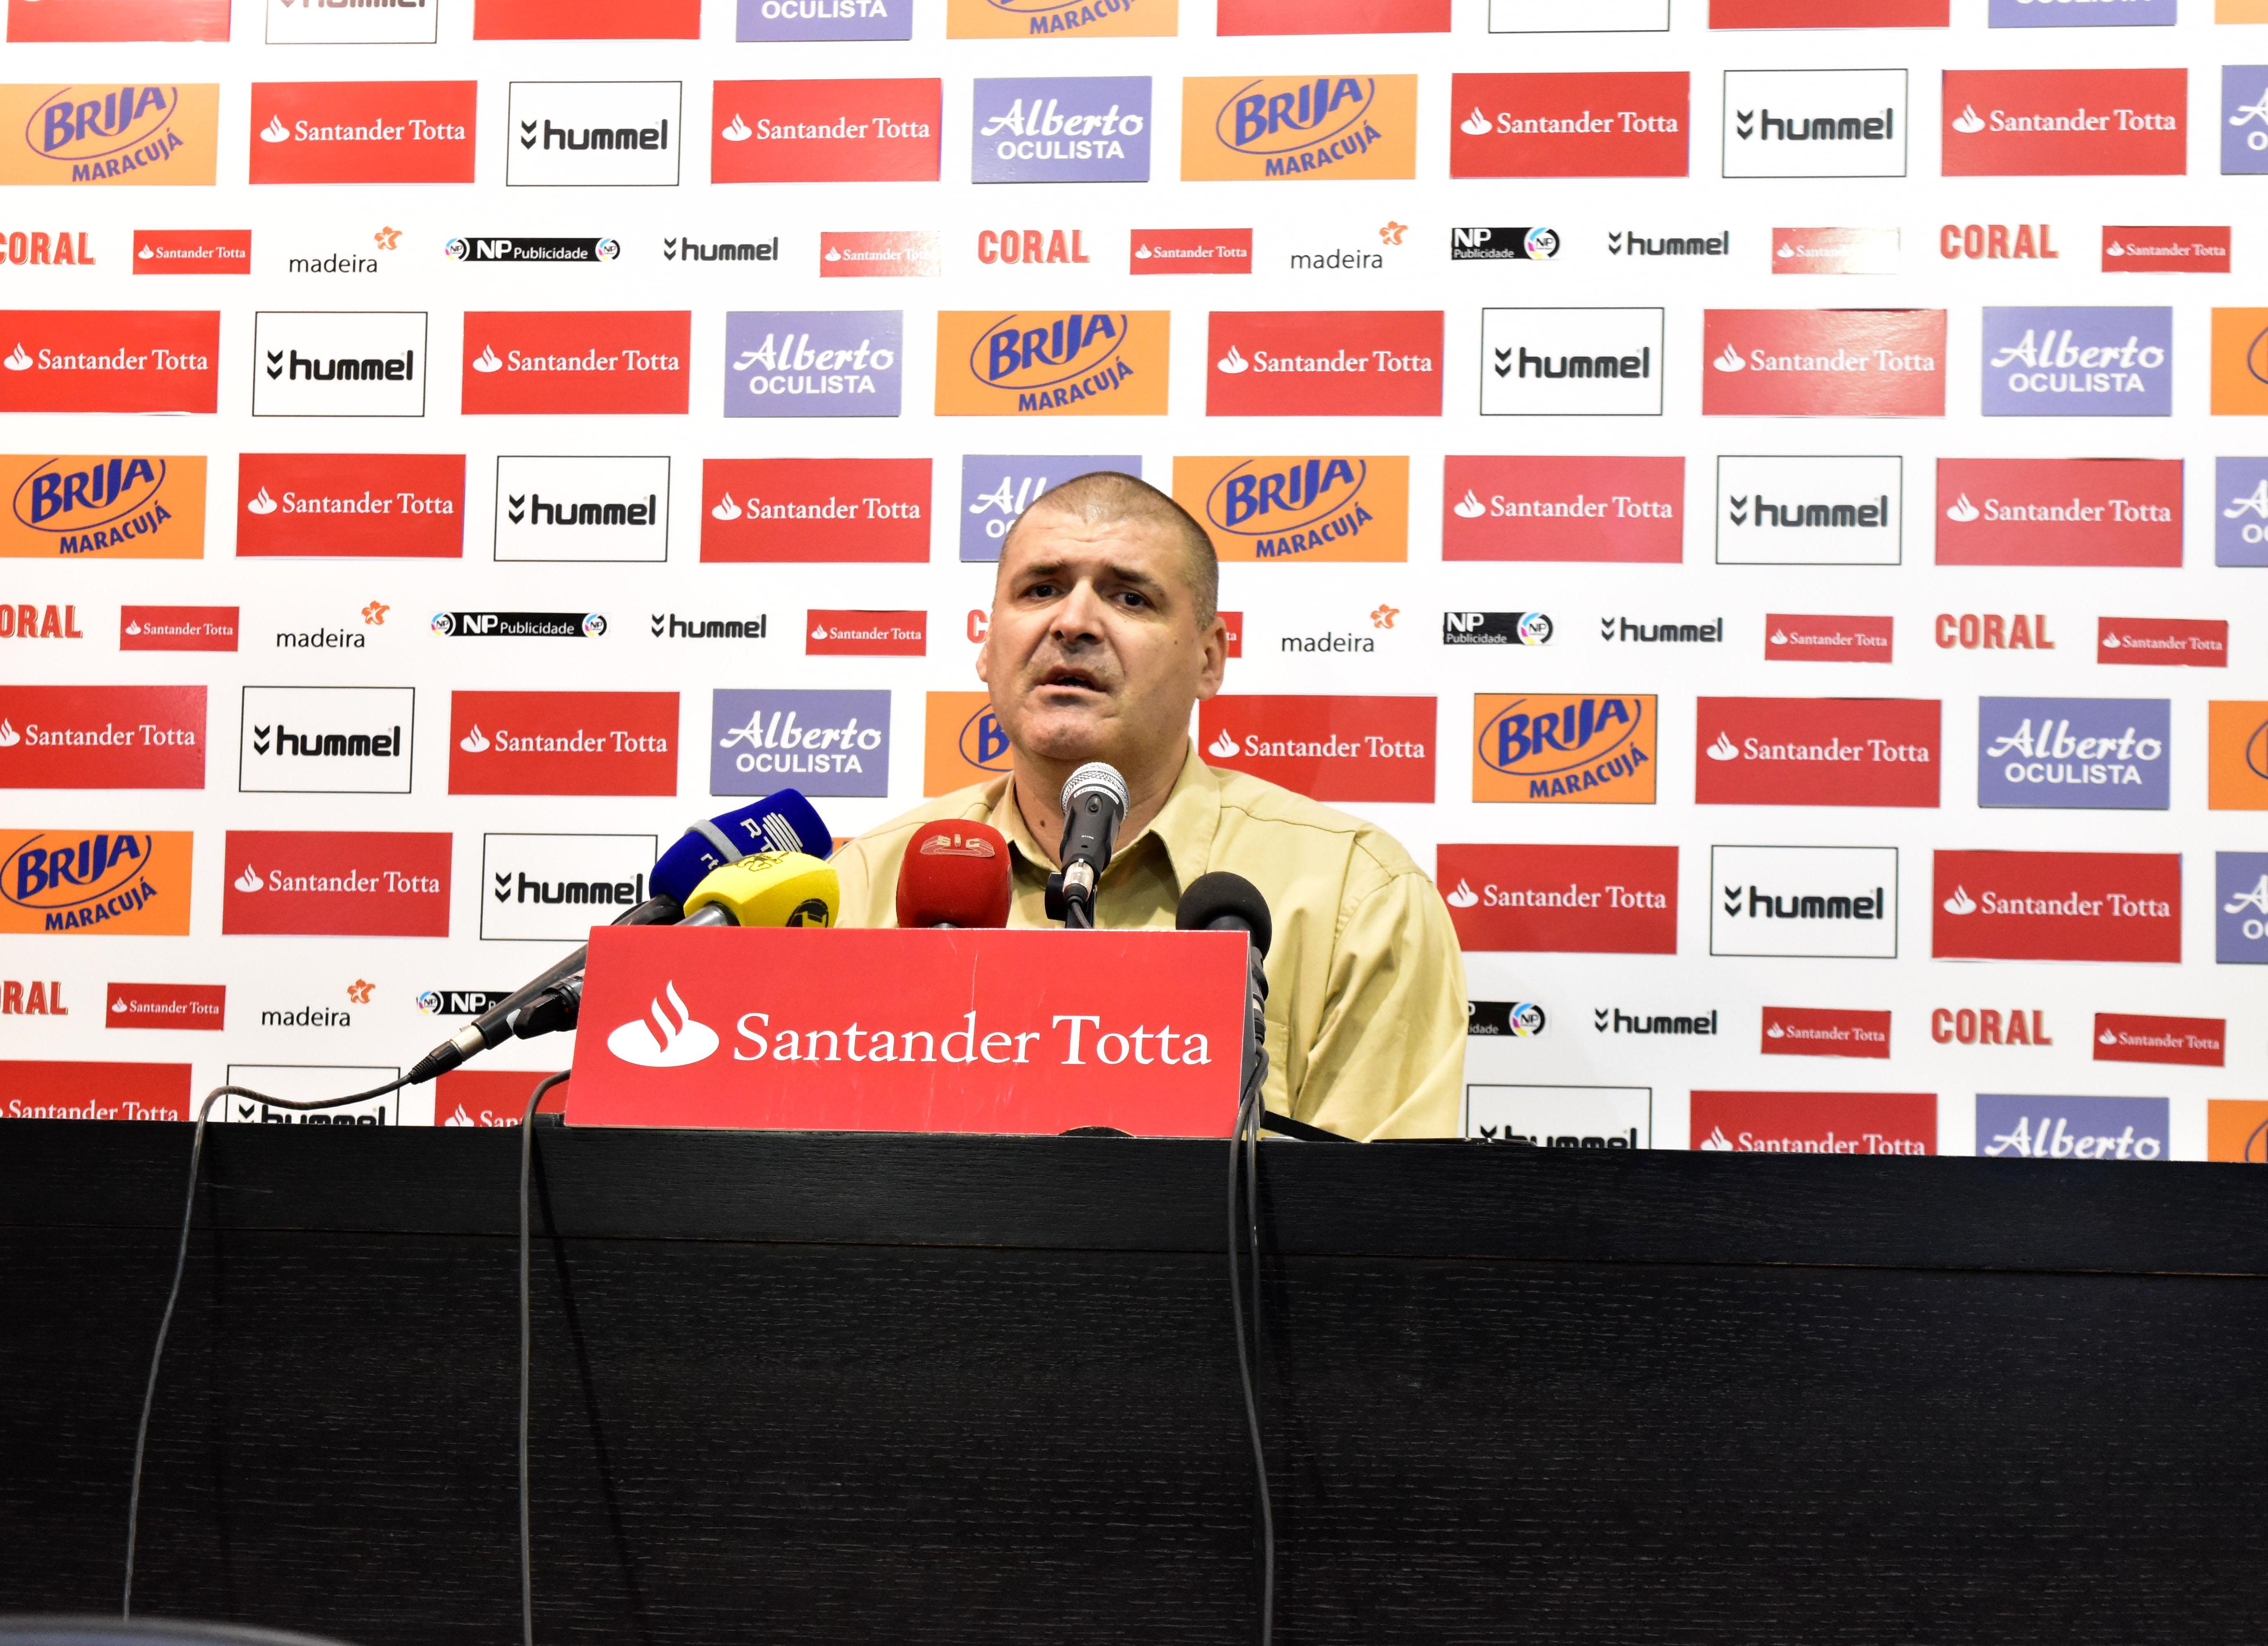 Feirense: Clube Desportivo Nacional Predrag Jokanovic Oficializado